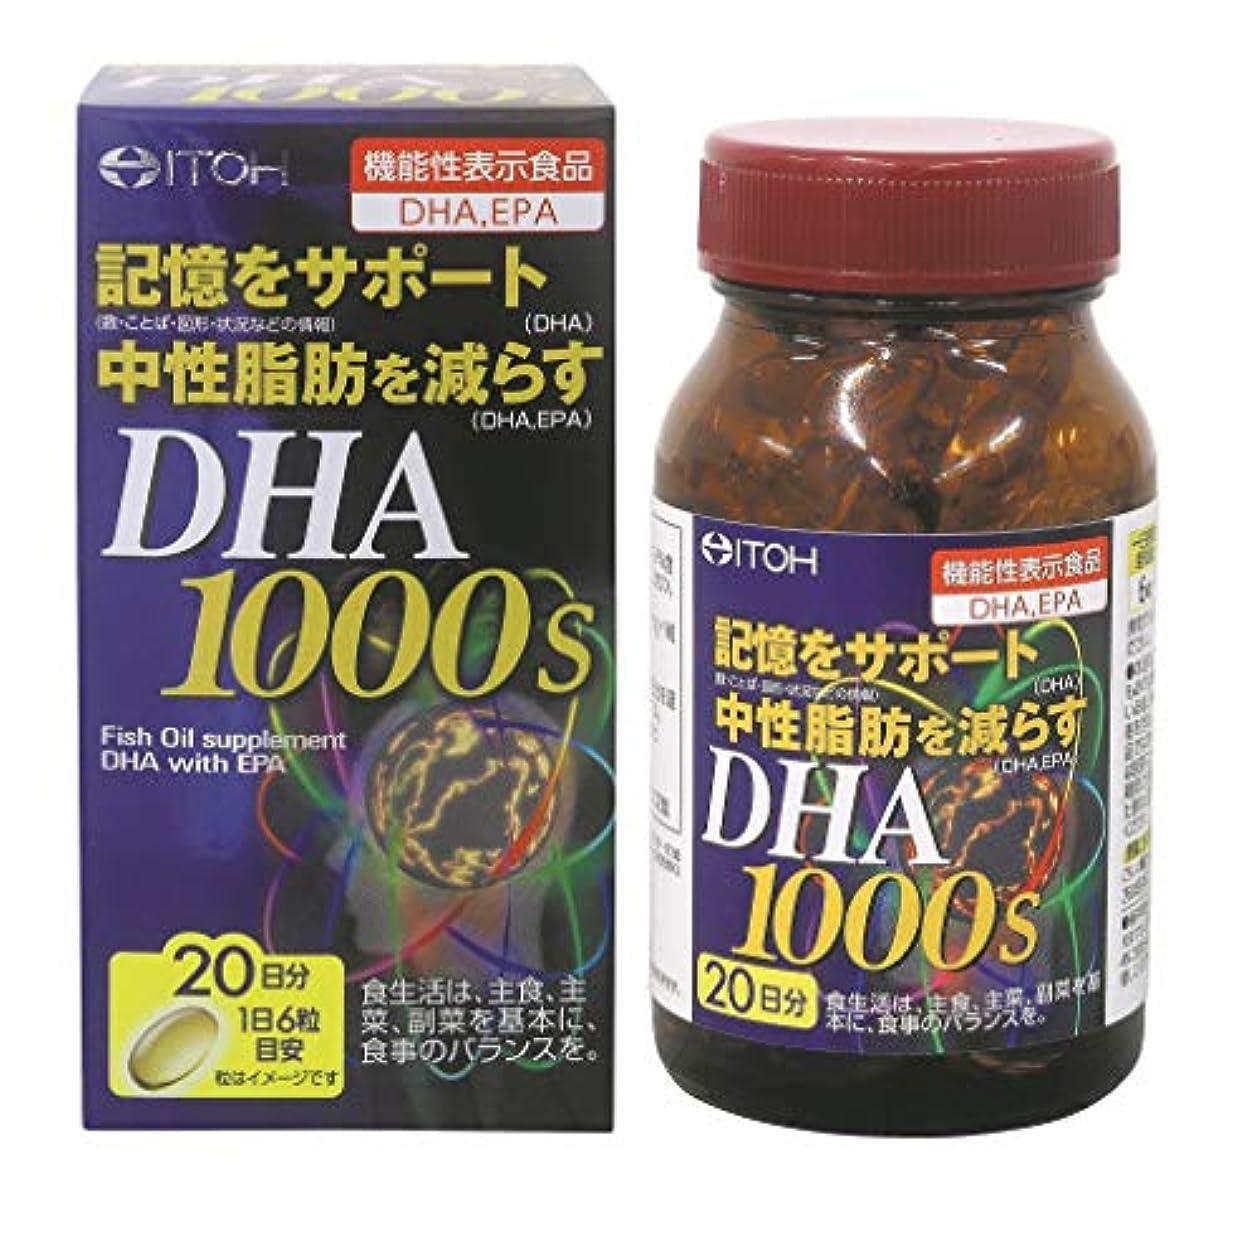 蒸発異常相反する井藤漢方製薬 DHA1000 (ディーエイチエー) 約20日分 120粒